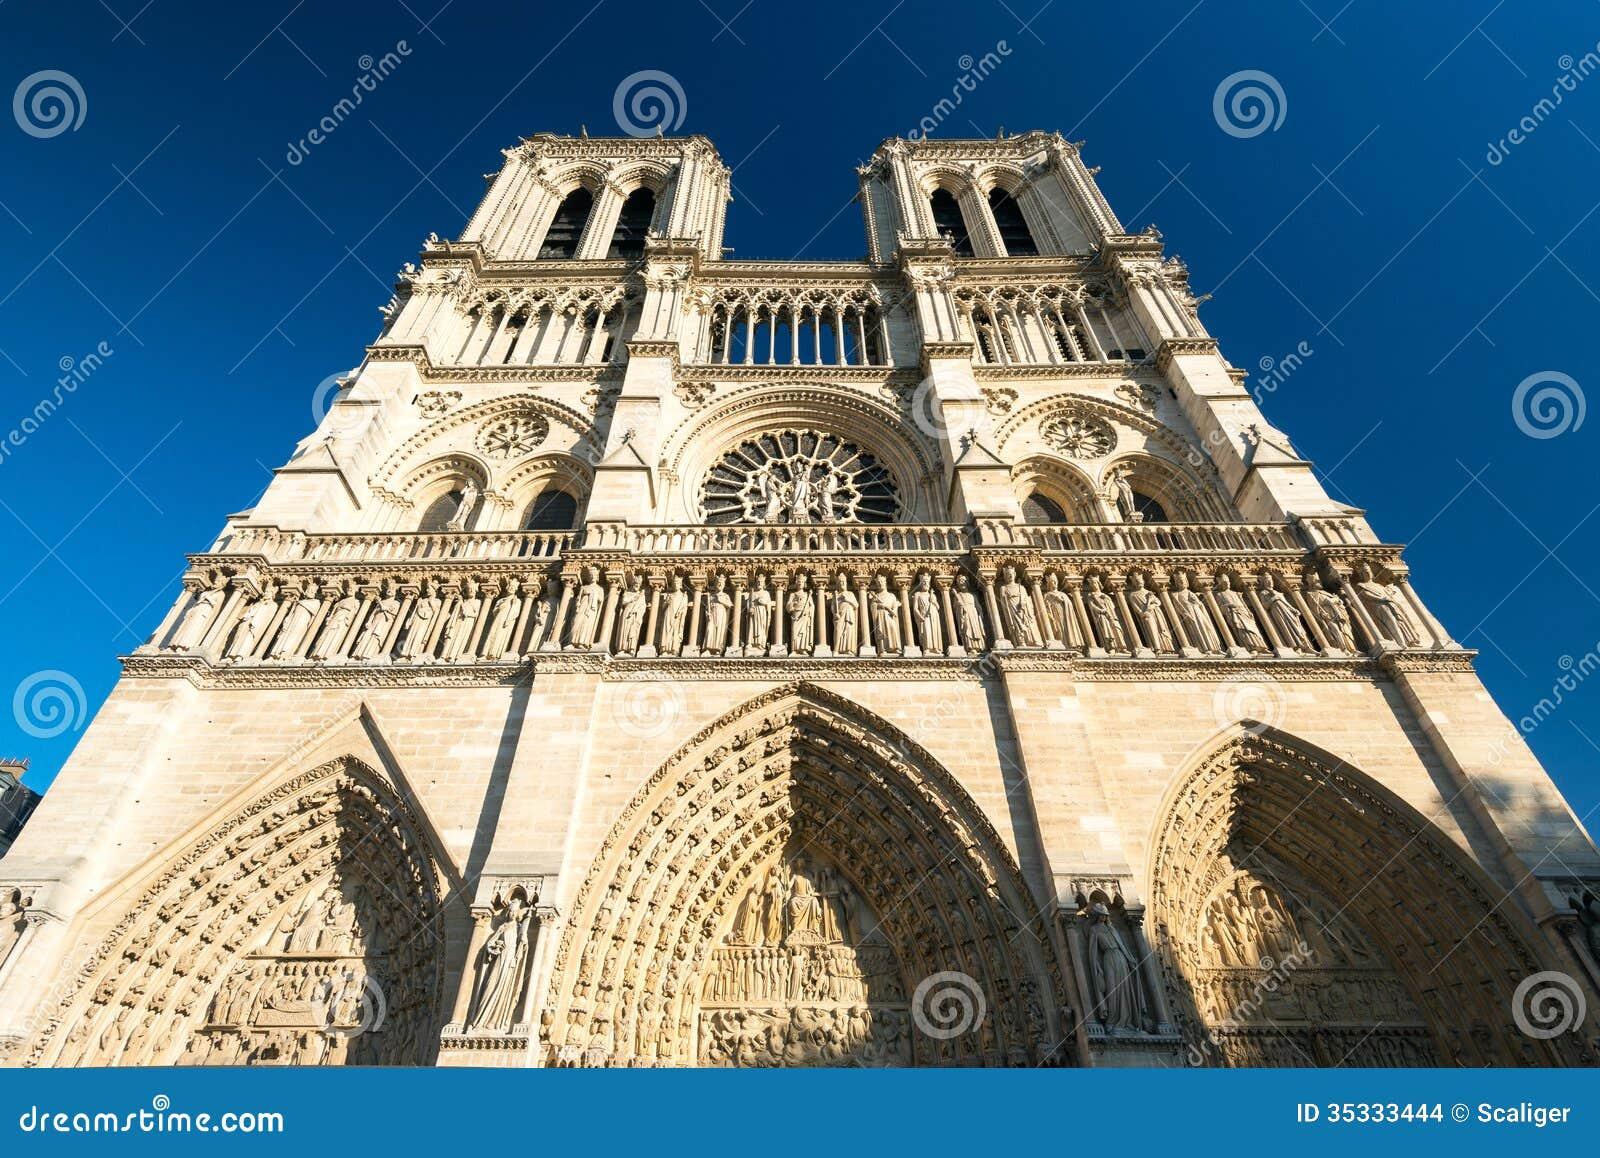 巴黎圣母院,法国大教堂.